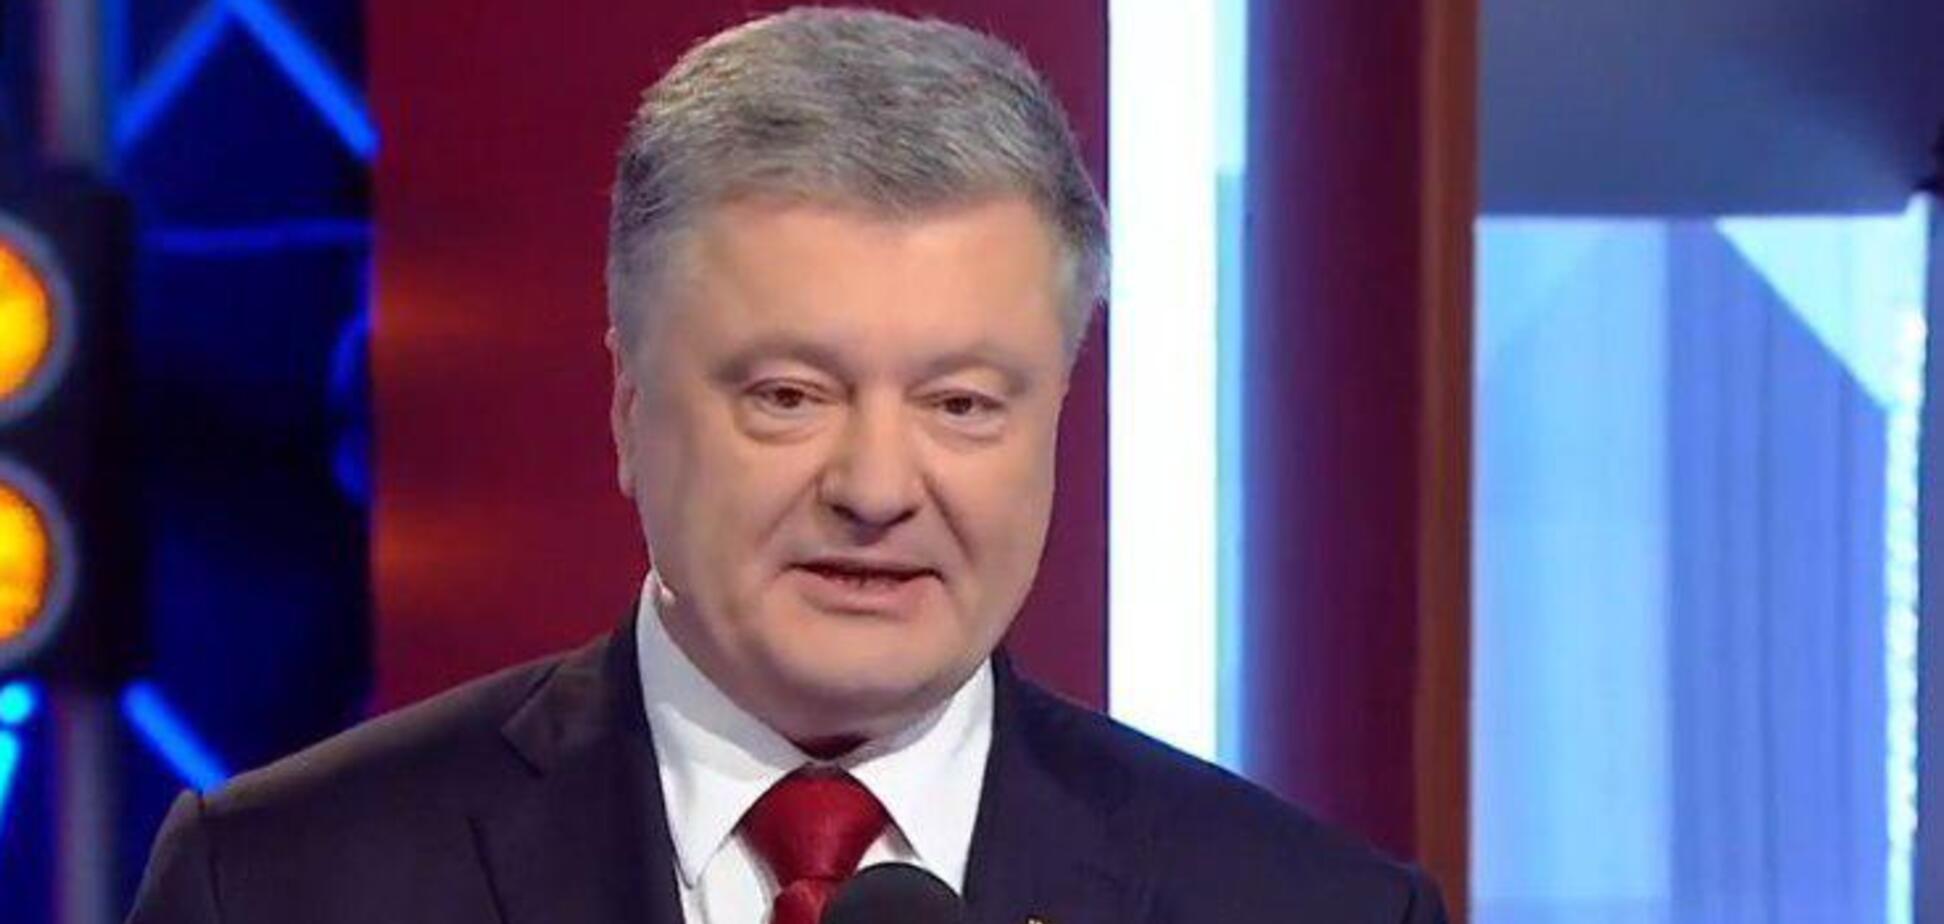 'Сегодня и здесь!' Порошенко вновь вызвал Зеленского на дебаты: он ответил